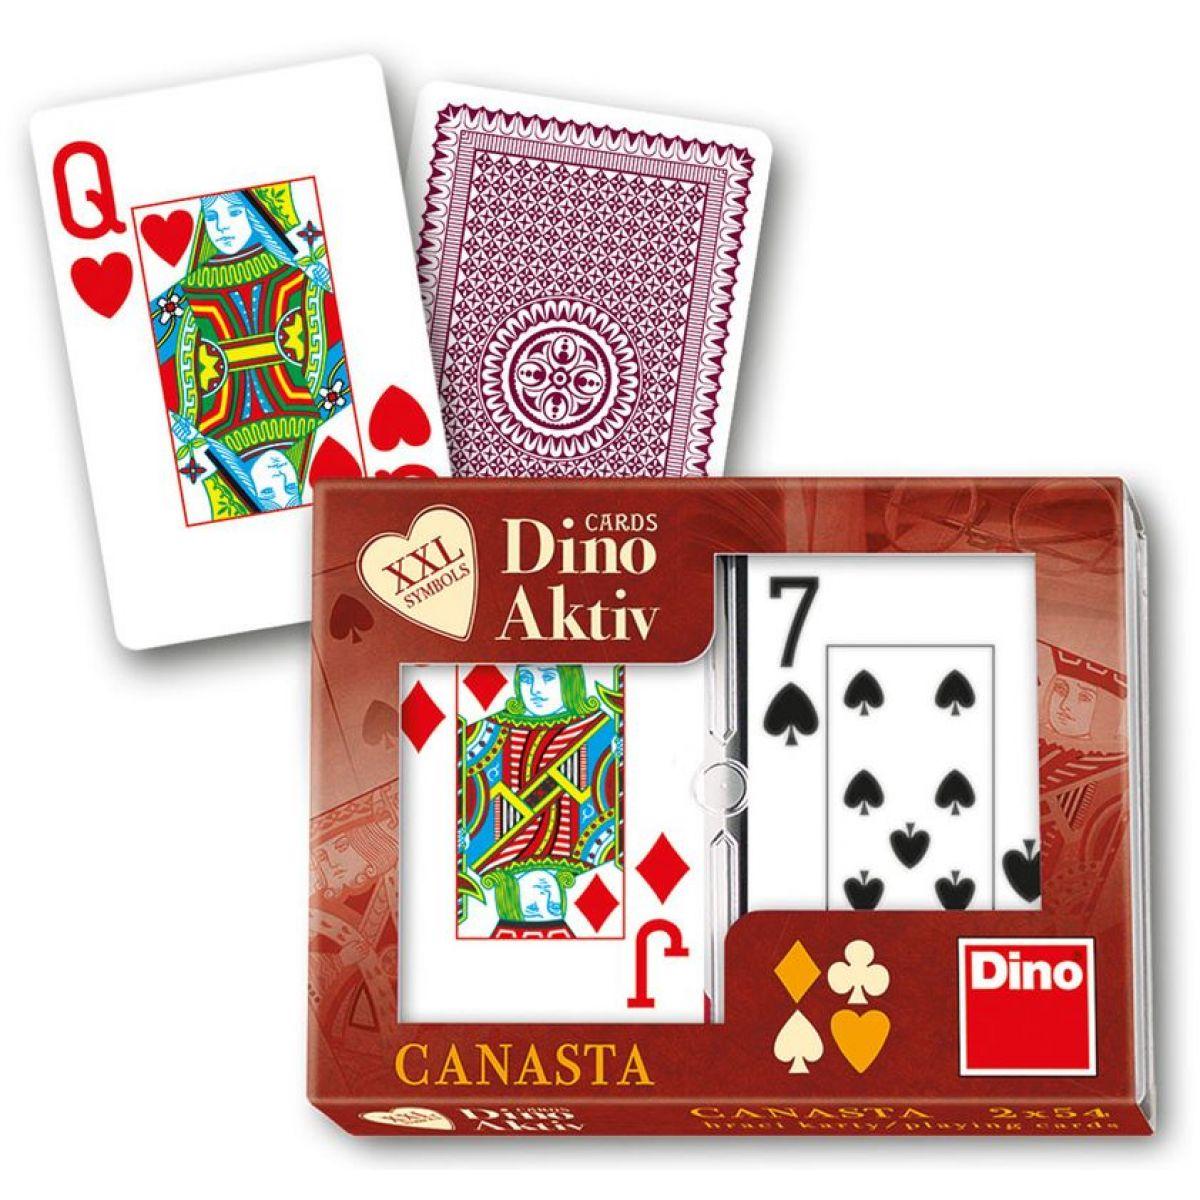 Dino Canasta: aktiv